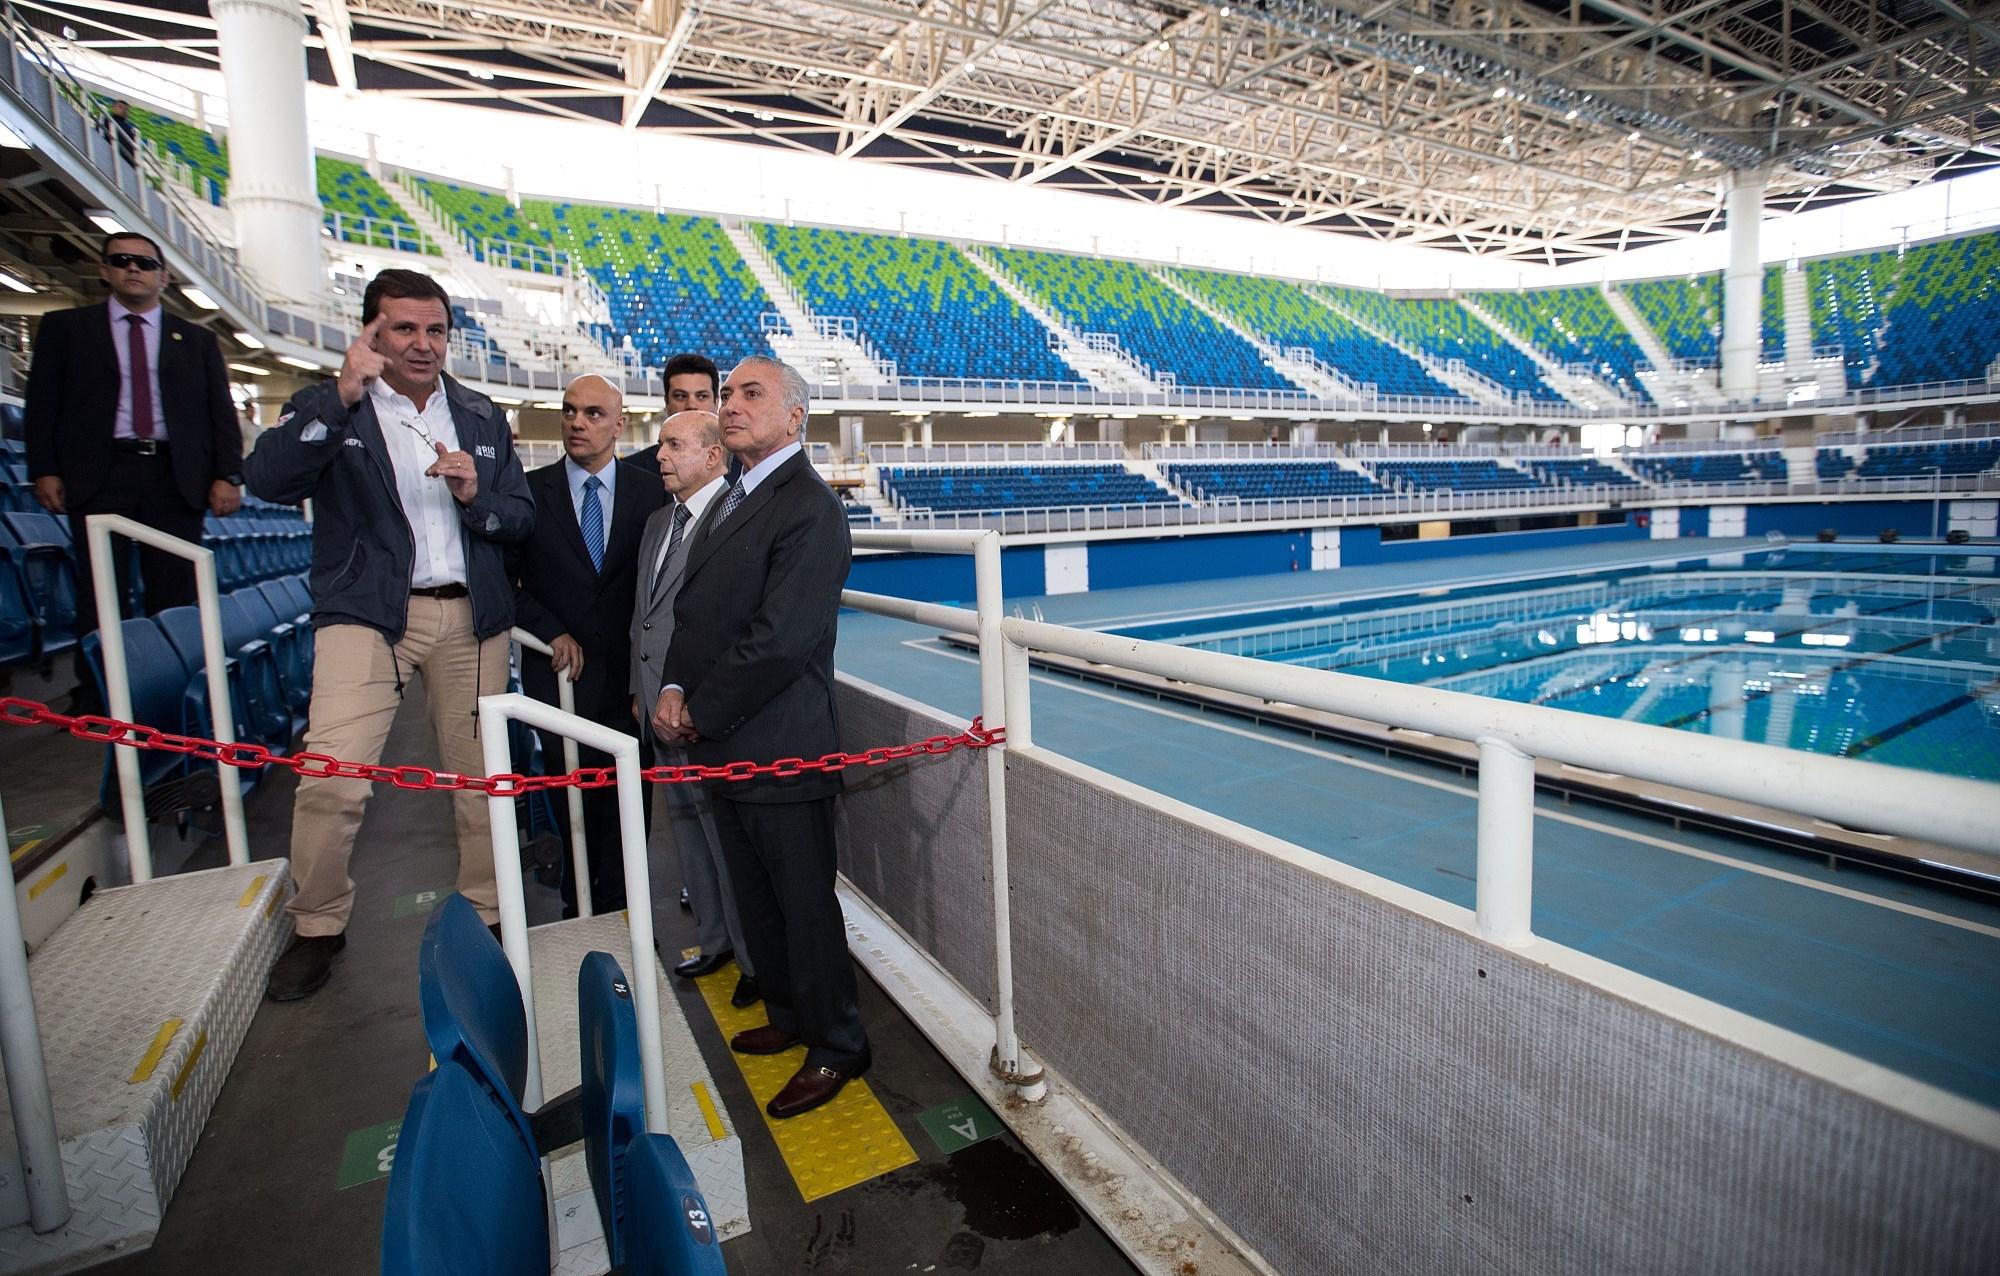 巴西代总统特梅尔(右前)在里约奥运会游泳馆内视察。新华社记者李明摄(6月14日)。